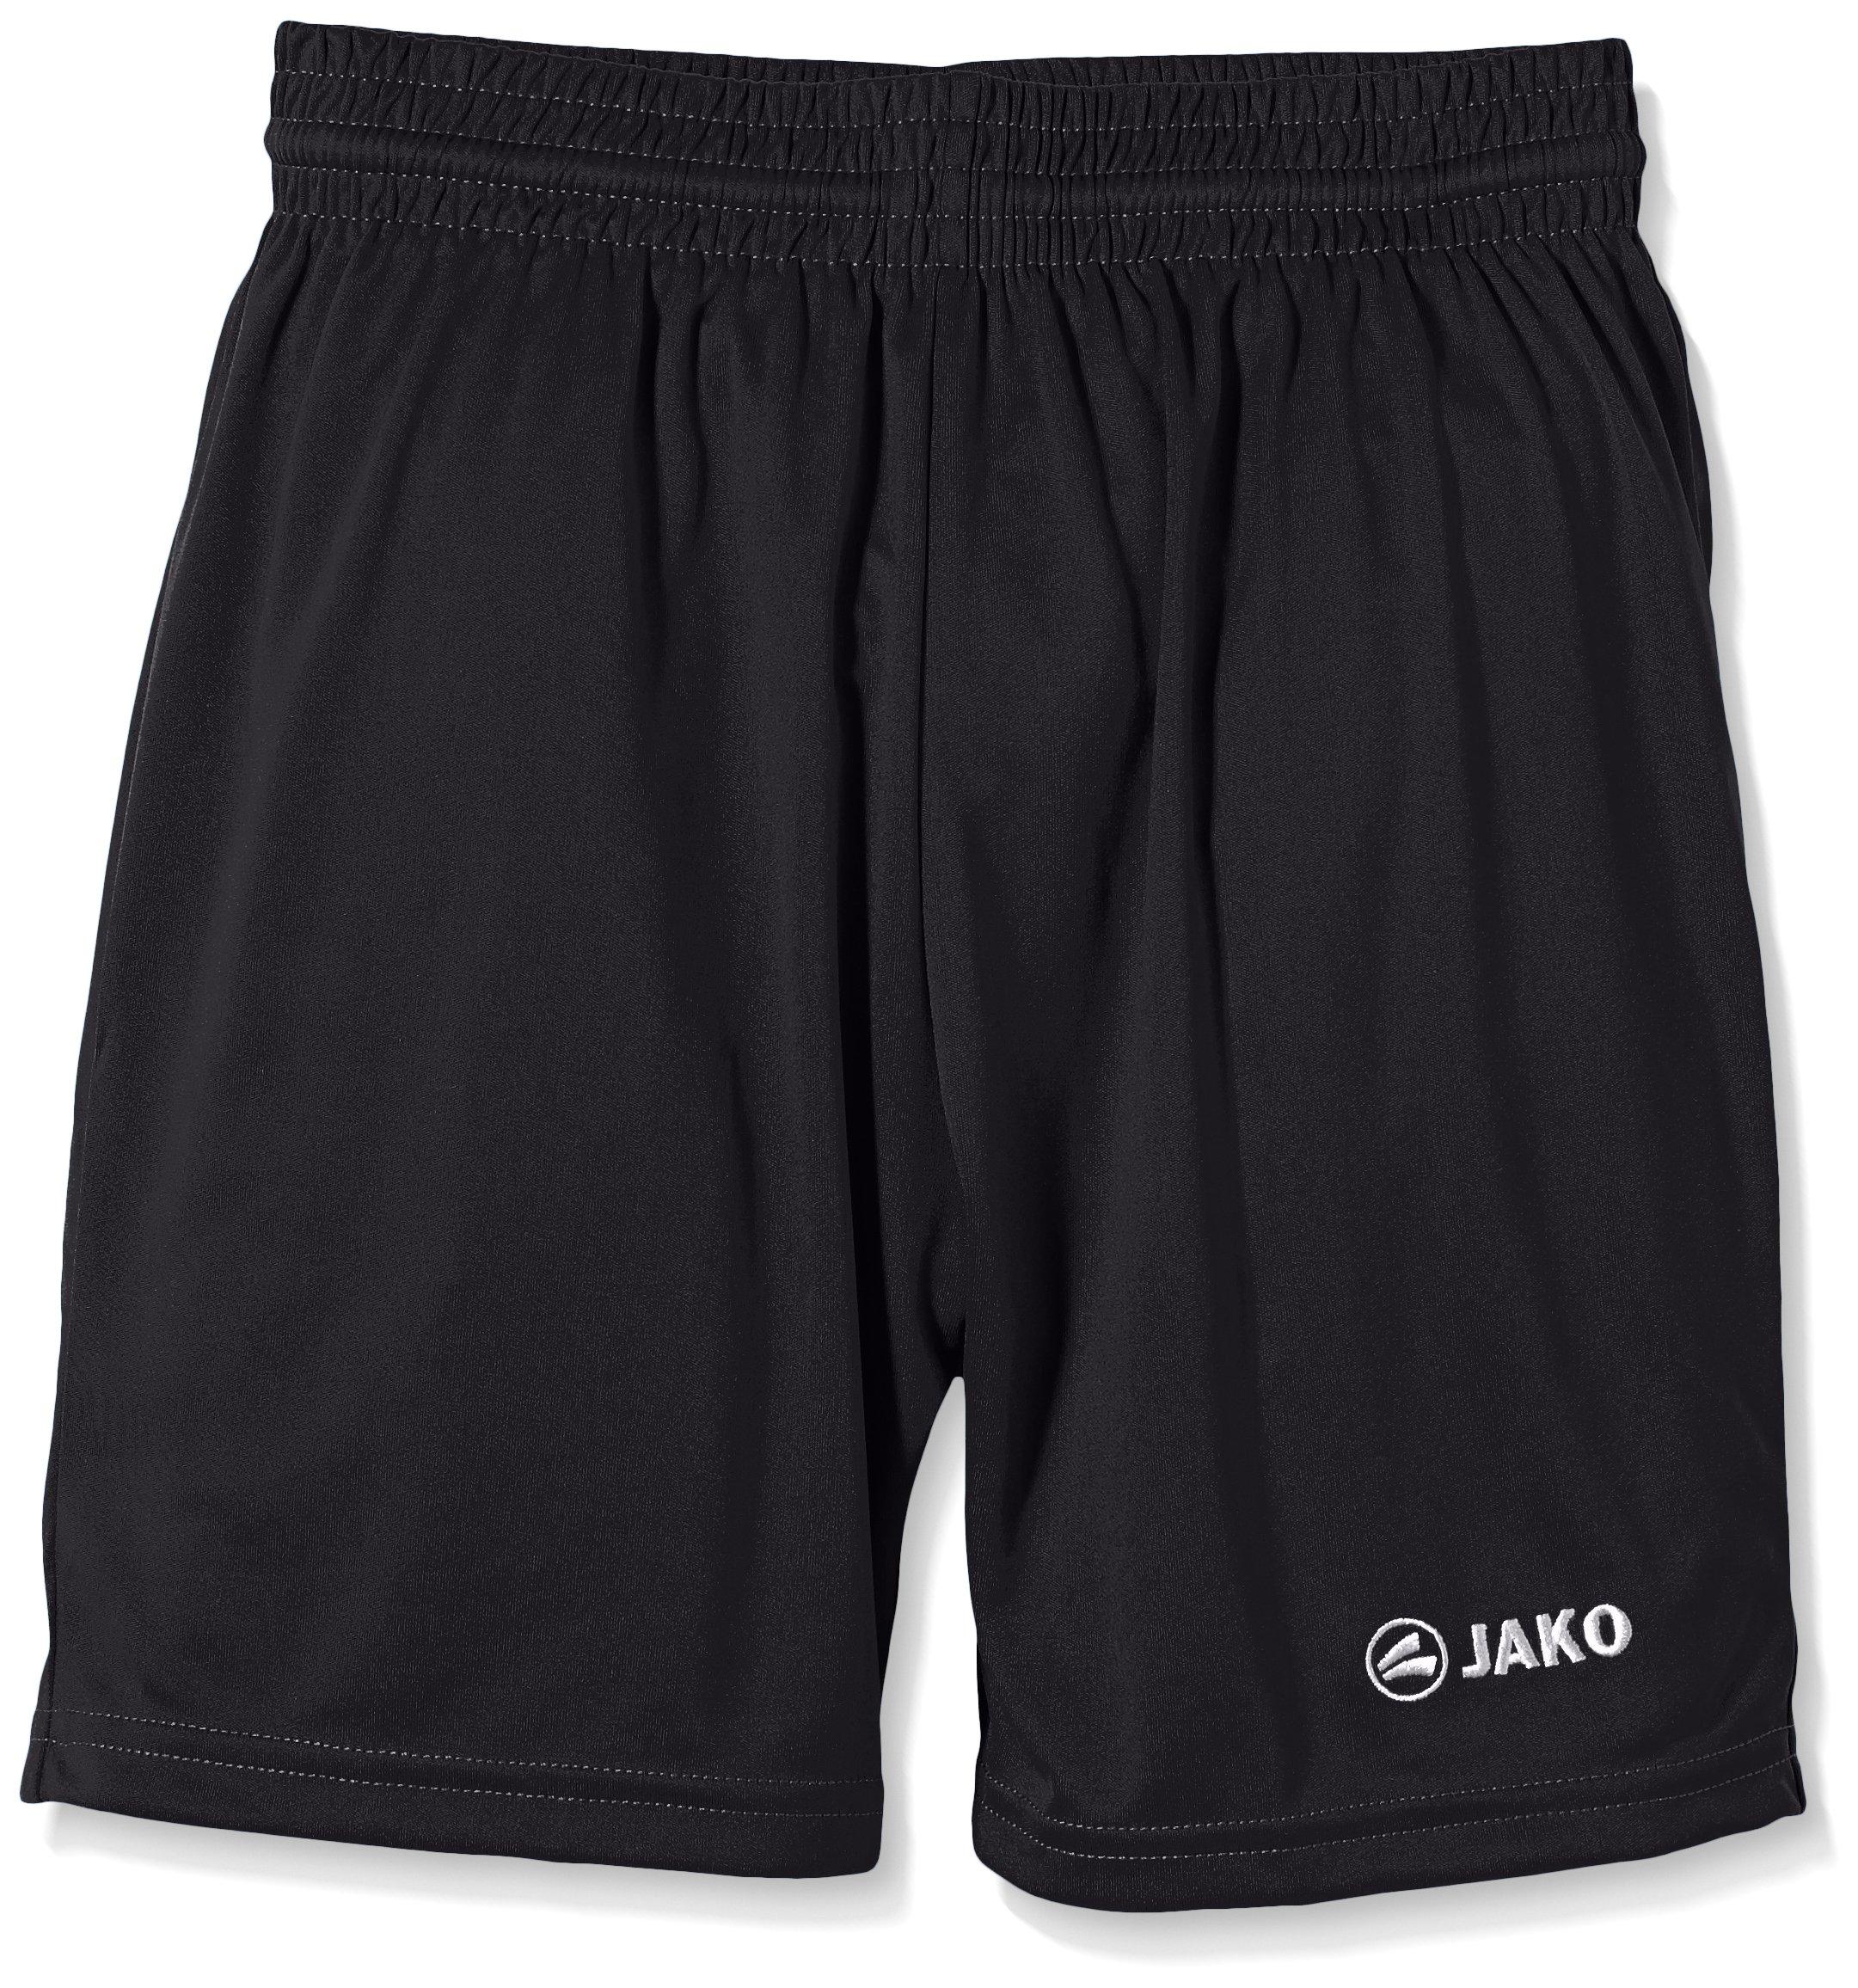 Jako Kinder Sporthose Manchester Shorts, Schwarz, 5-6 Jahre (Herstellergröße: